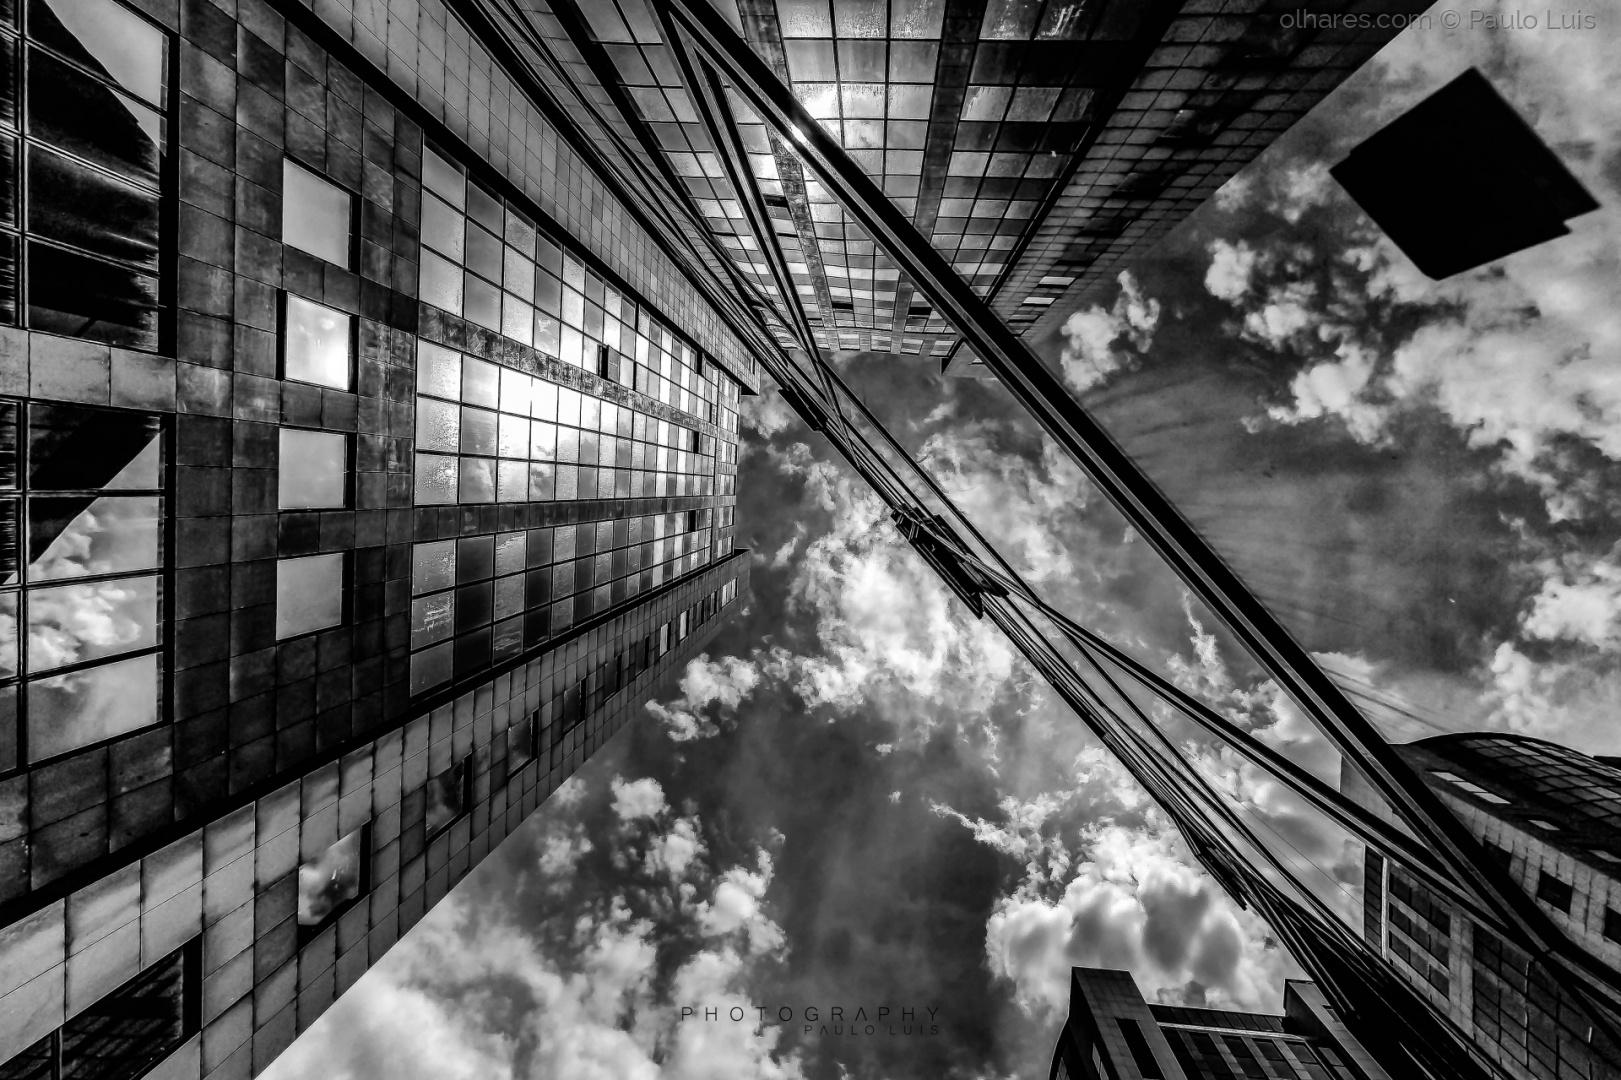 Paisagem Urbana/O céu é o ponto de fuga...